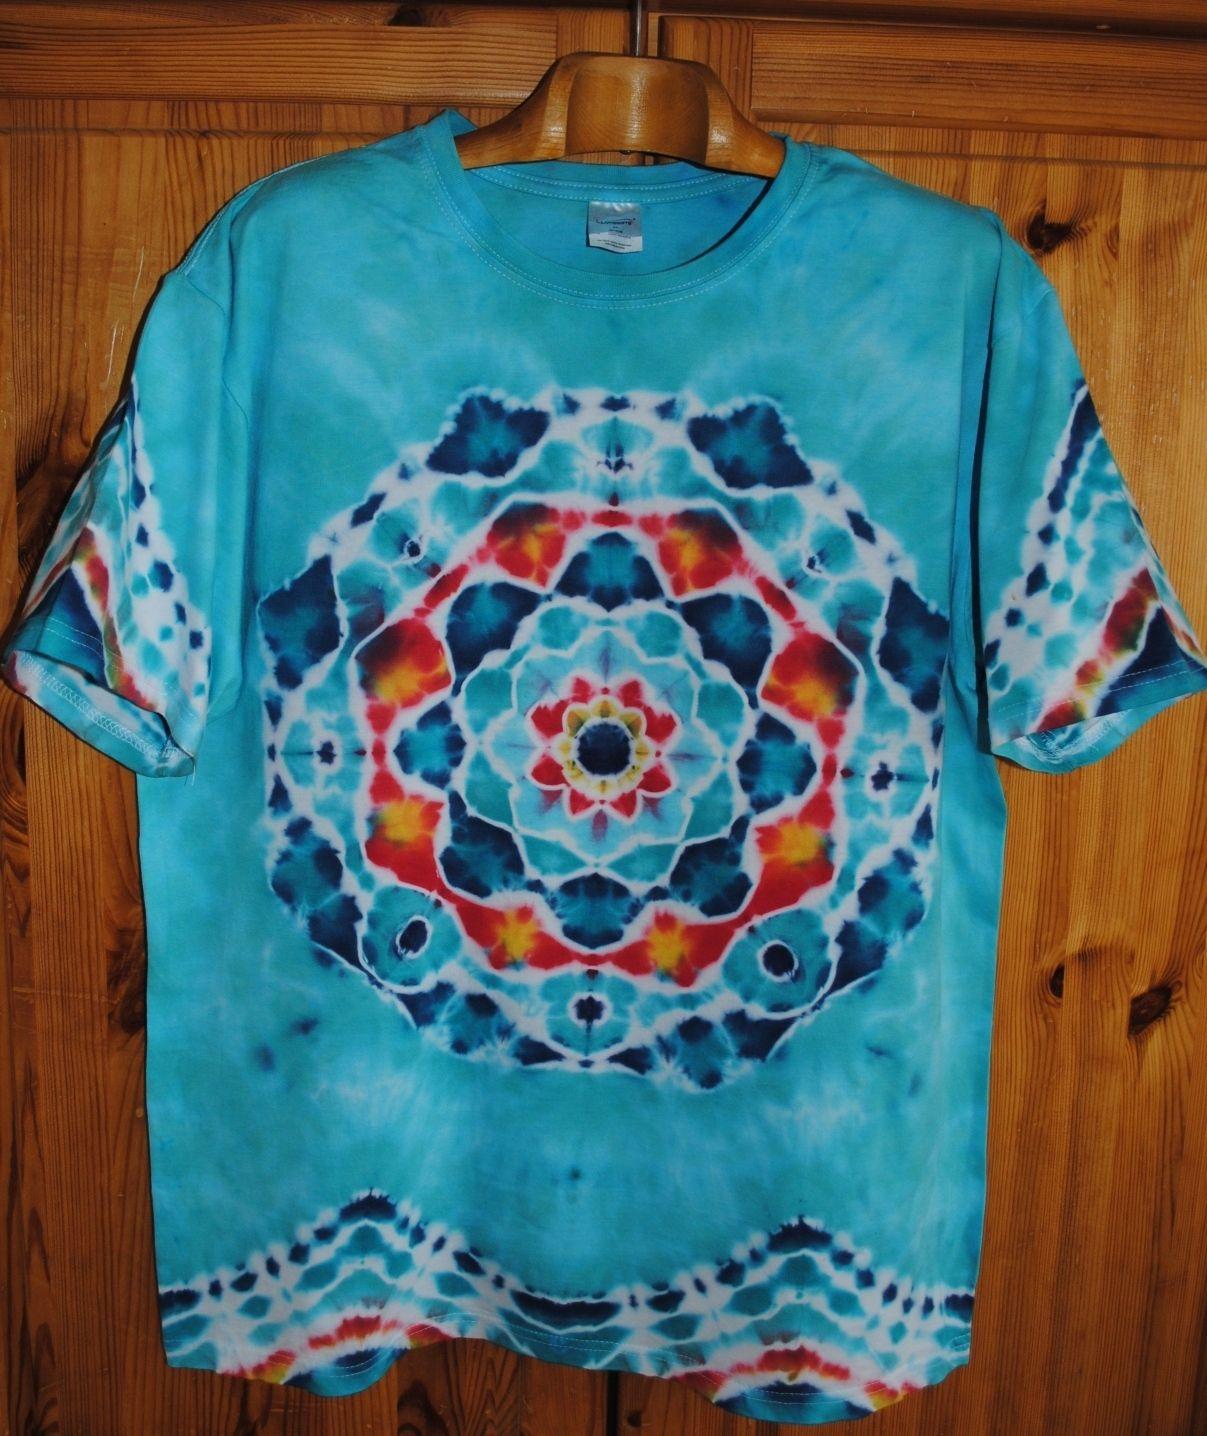 f7baebc4345e Batikované+tričko+-+Tyrkysový+sen+Toto+tričko+je+již+prodané